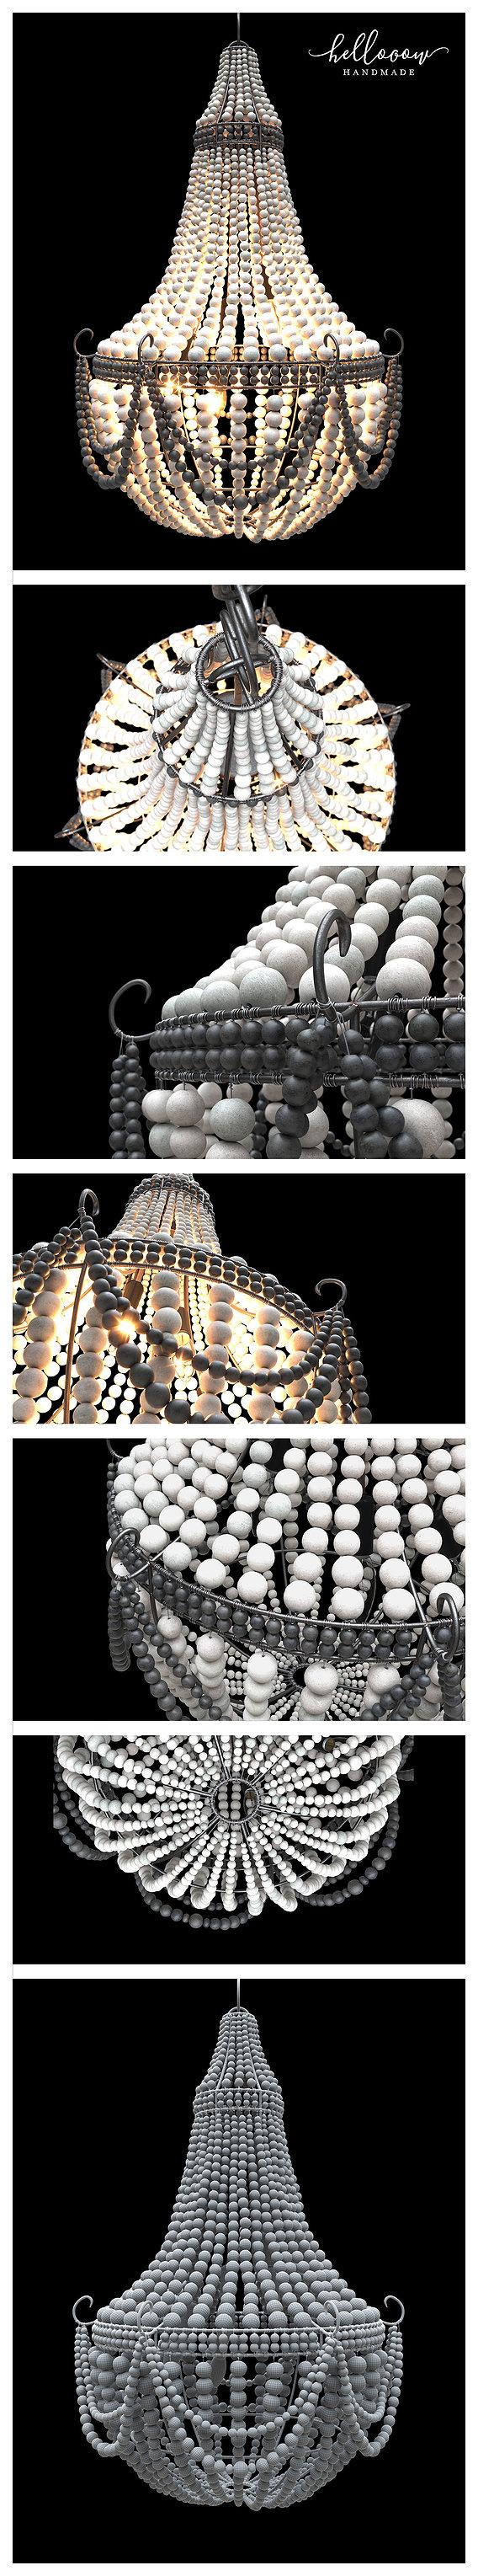 Hellooow-Teardrop-chandelier